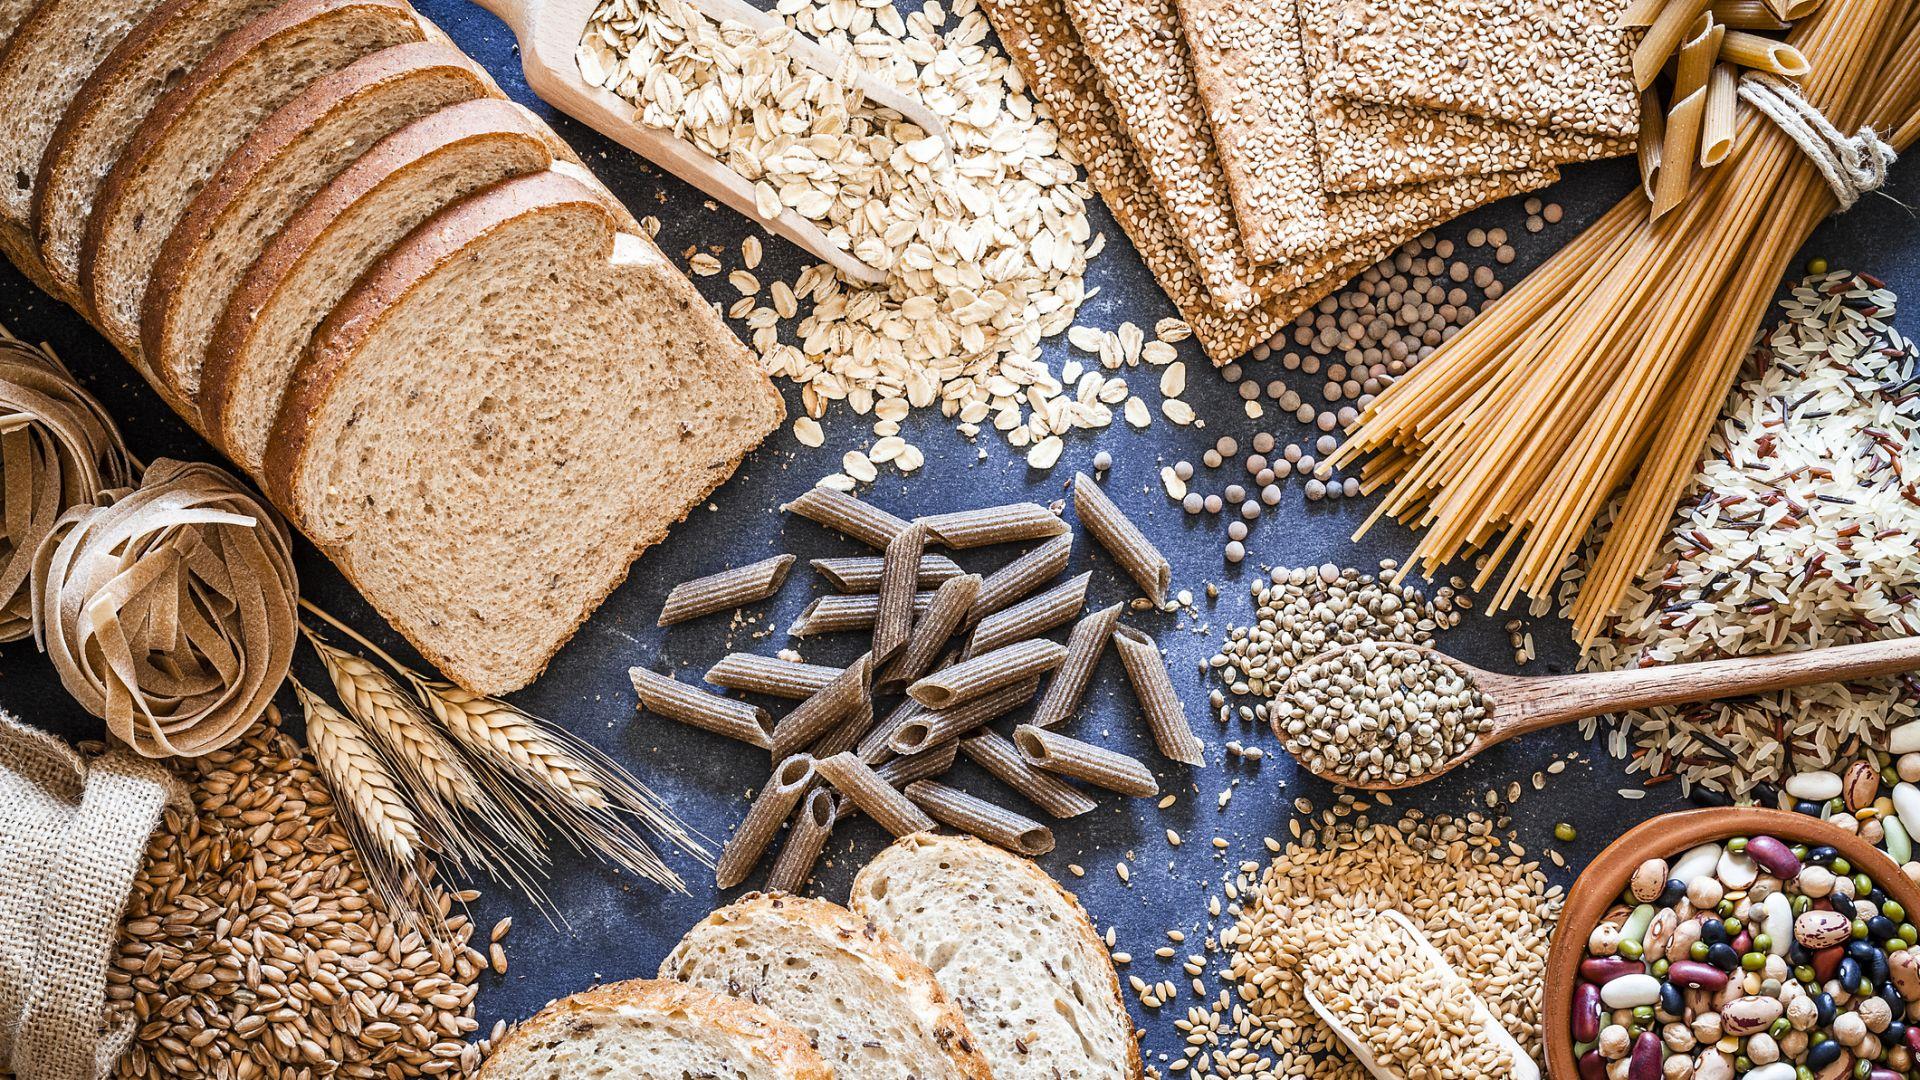 Пълнозърнестите храни намаляват риска от развитието на сърдечни заболявания